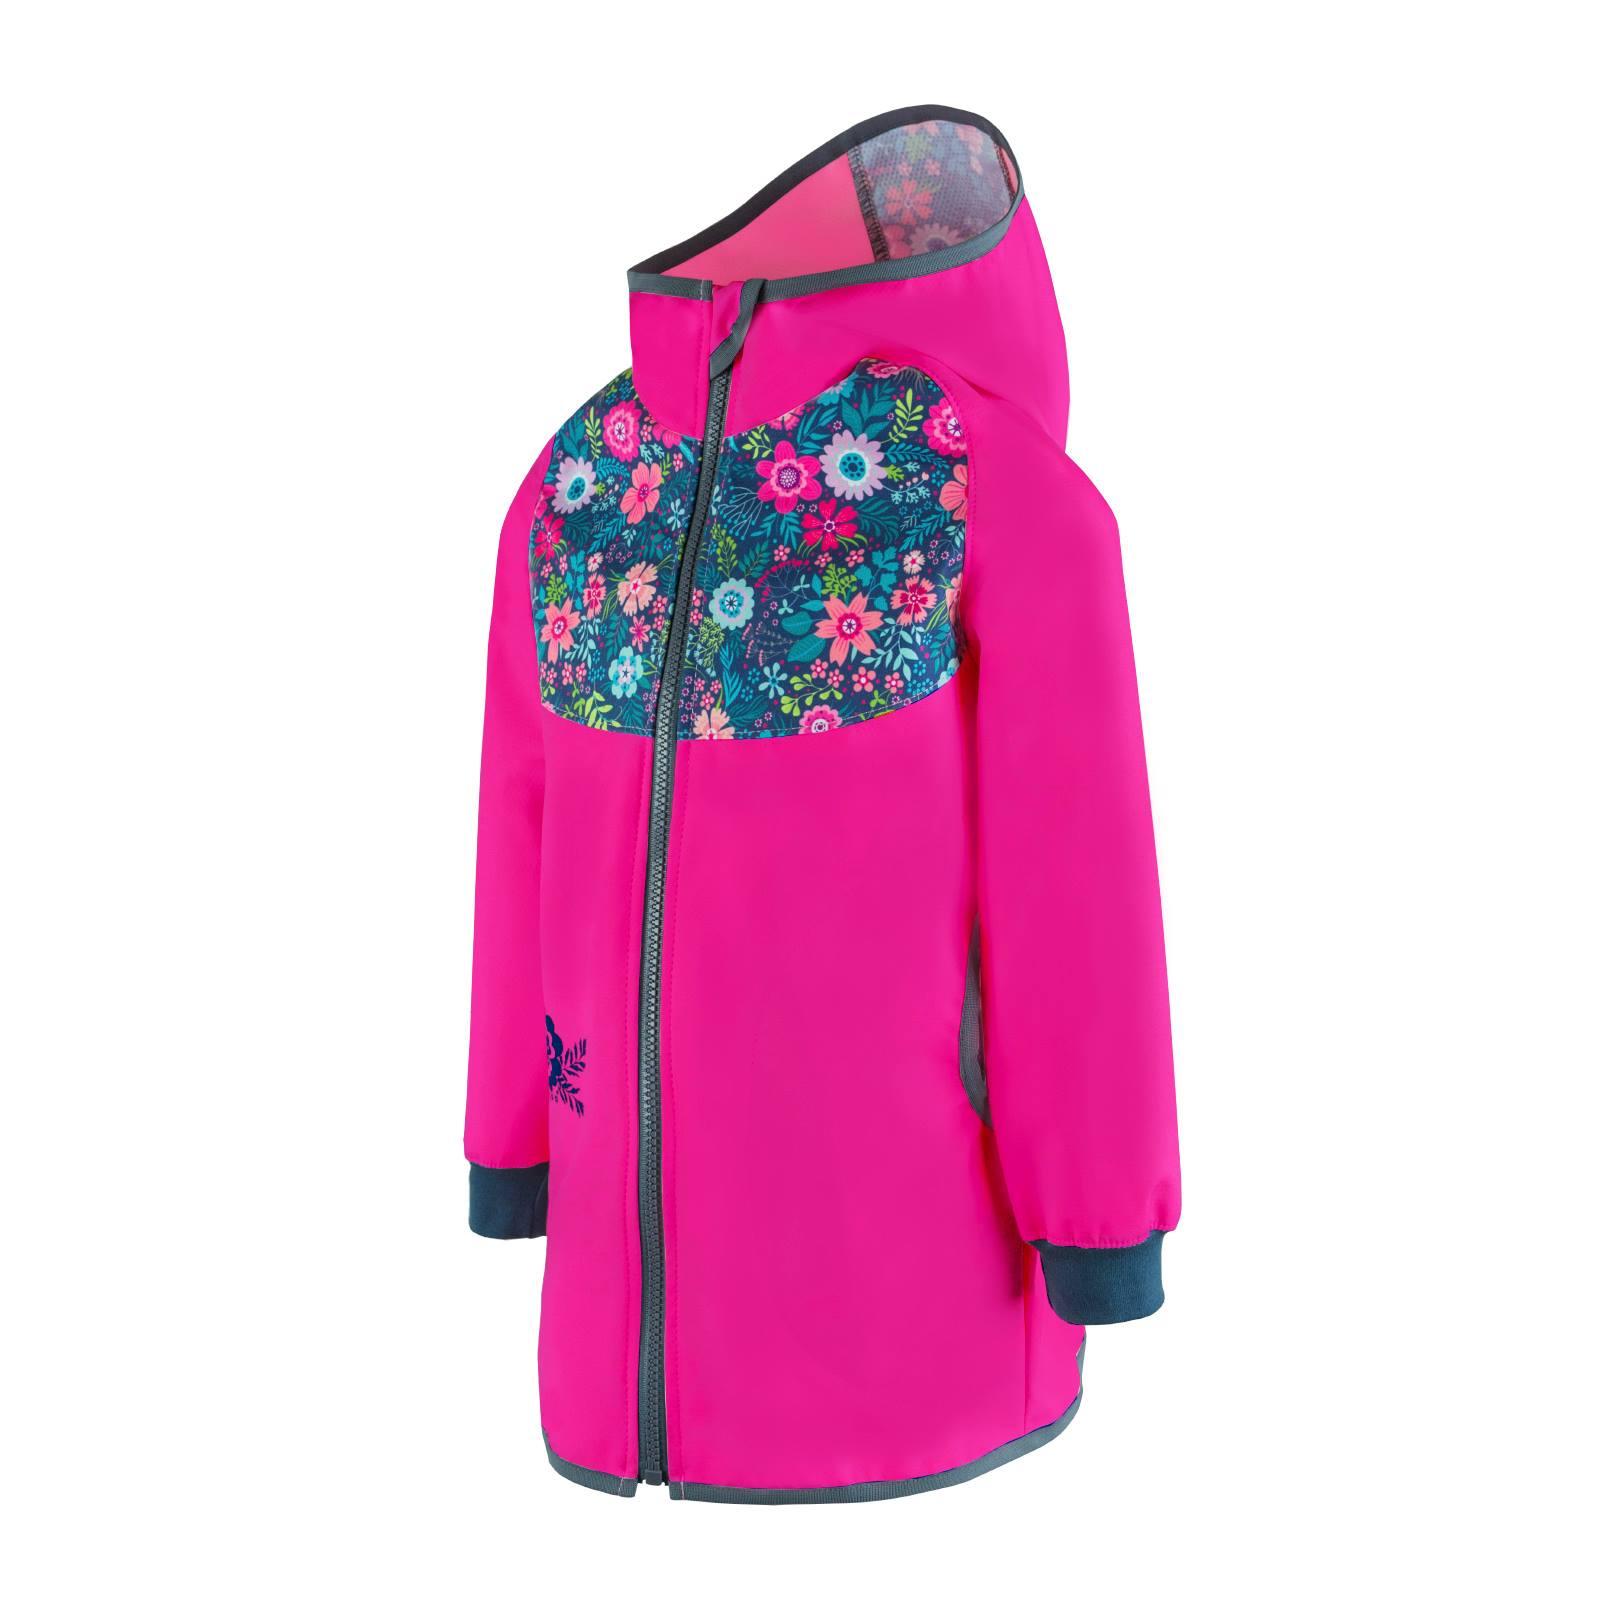 unuo Softshellový kabátek bez zateplení Květinky, Fuchsiová (Unuo softshell spring coat printed